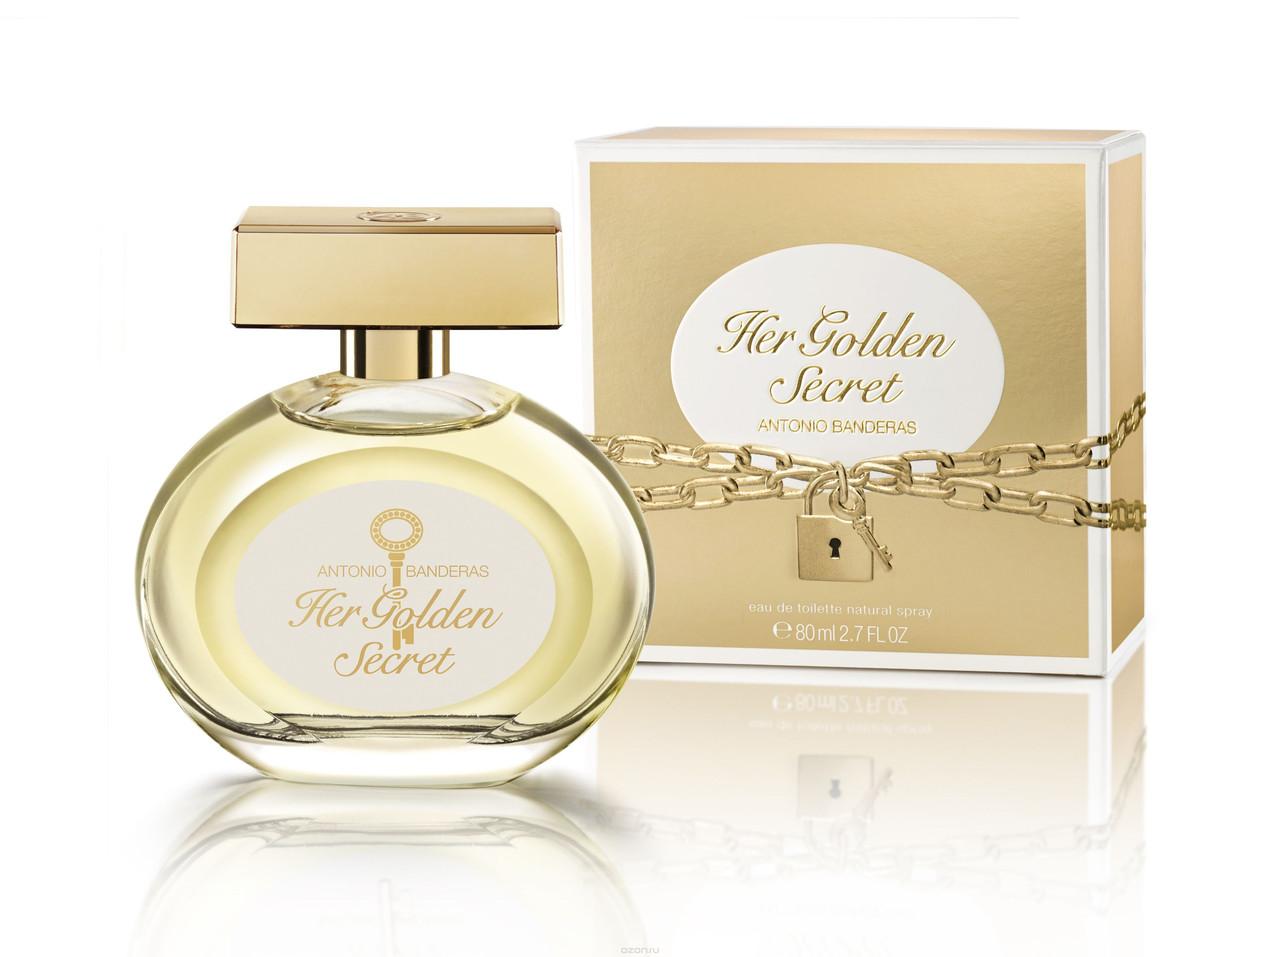 Жіноча туалетна вода Antonio Banderas Her Golden Secret (Антоніо Бандерас Хе Голден Сікрет) 80 мл